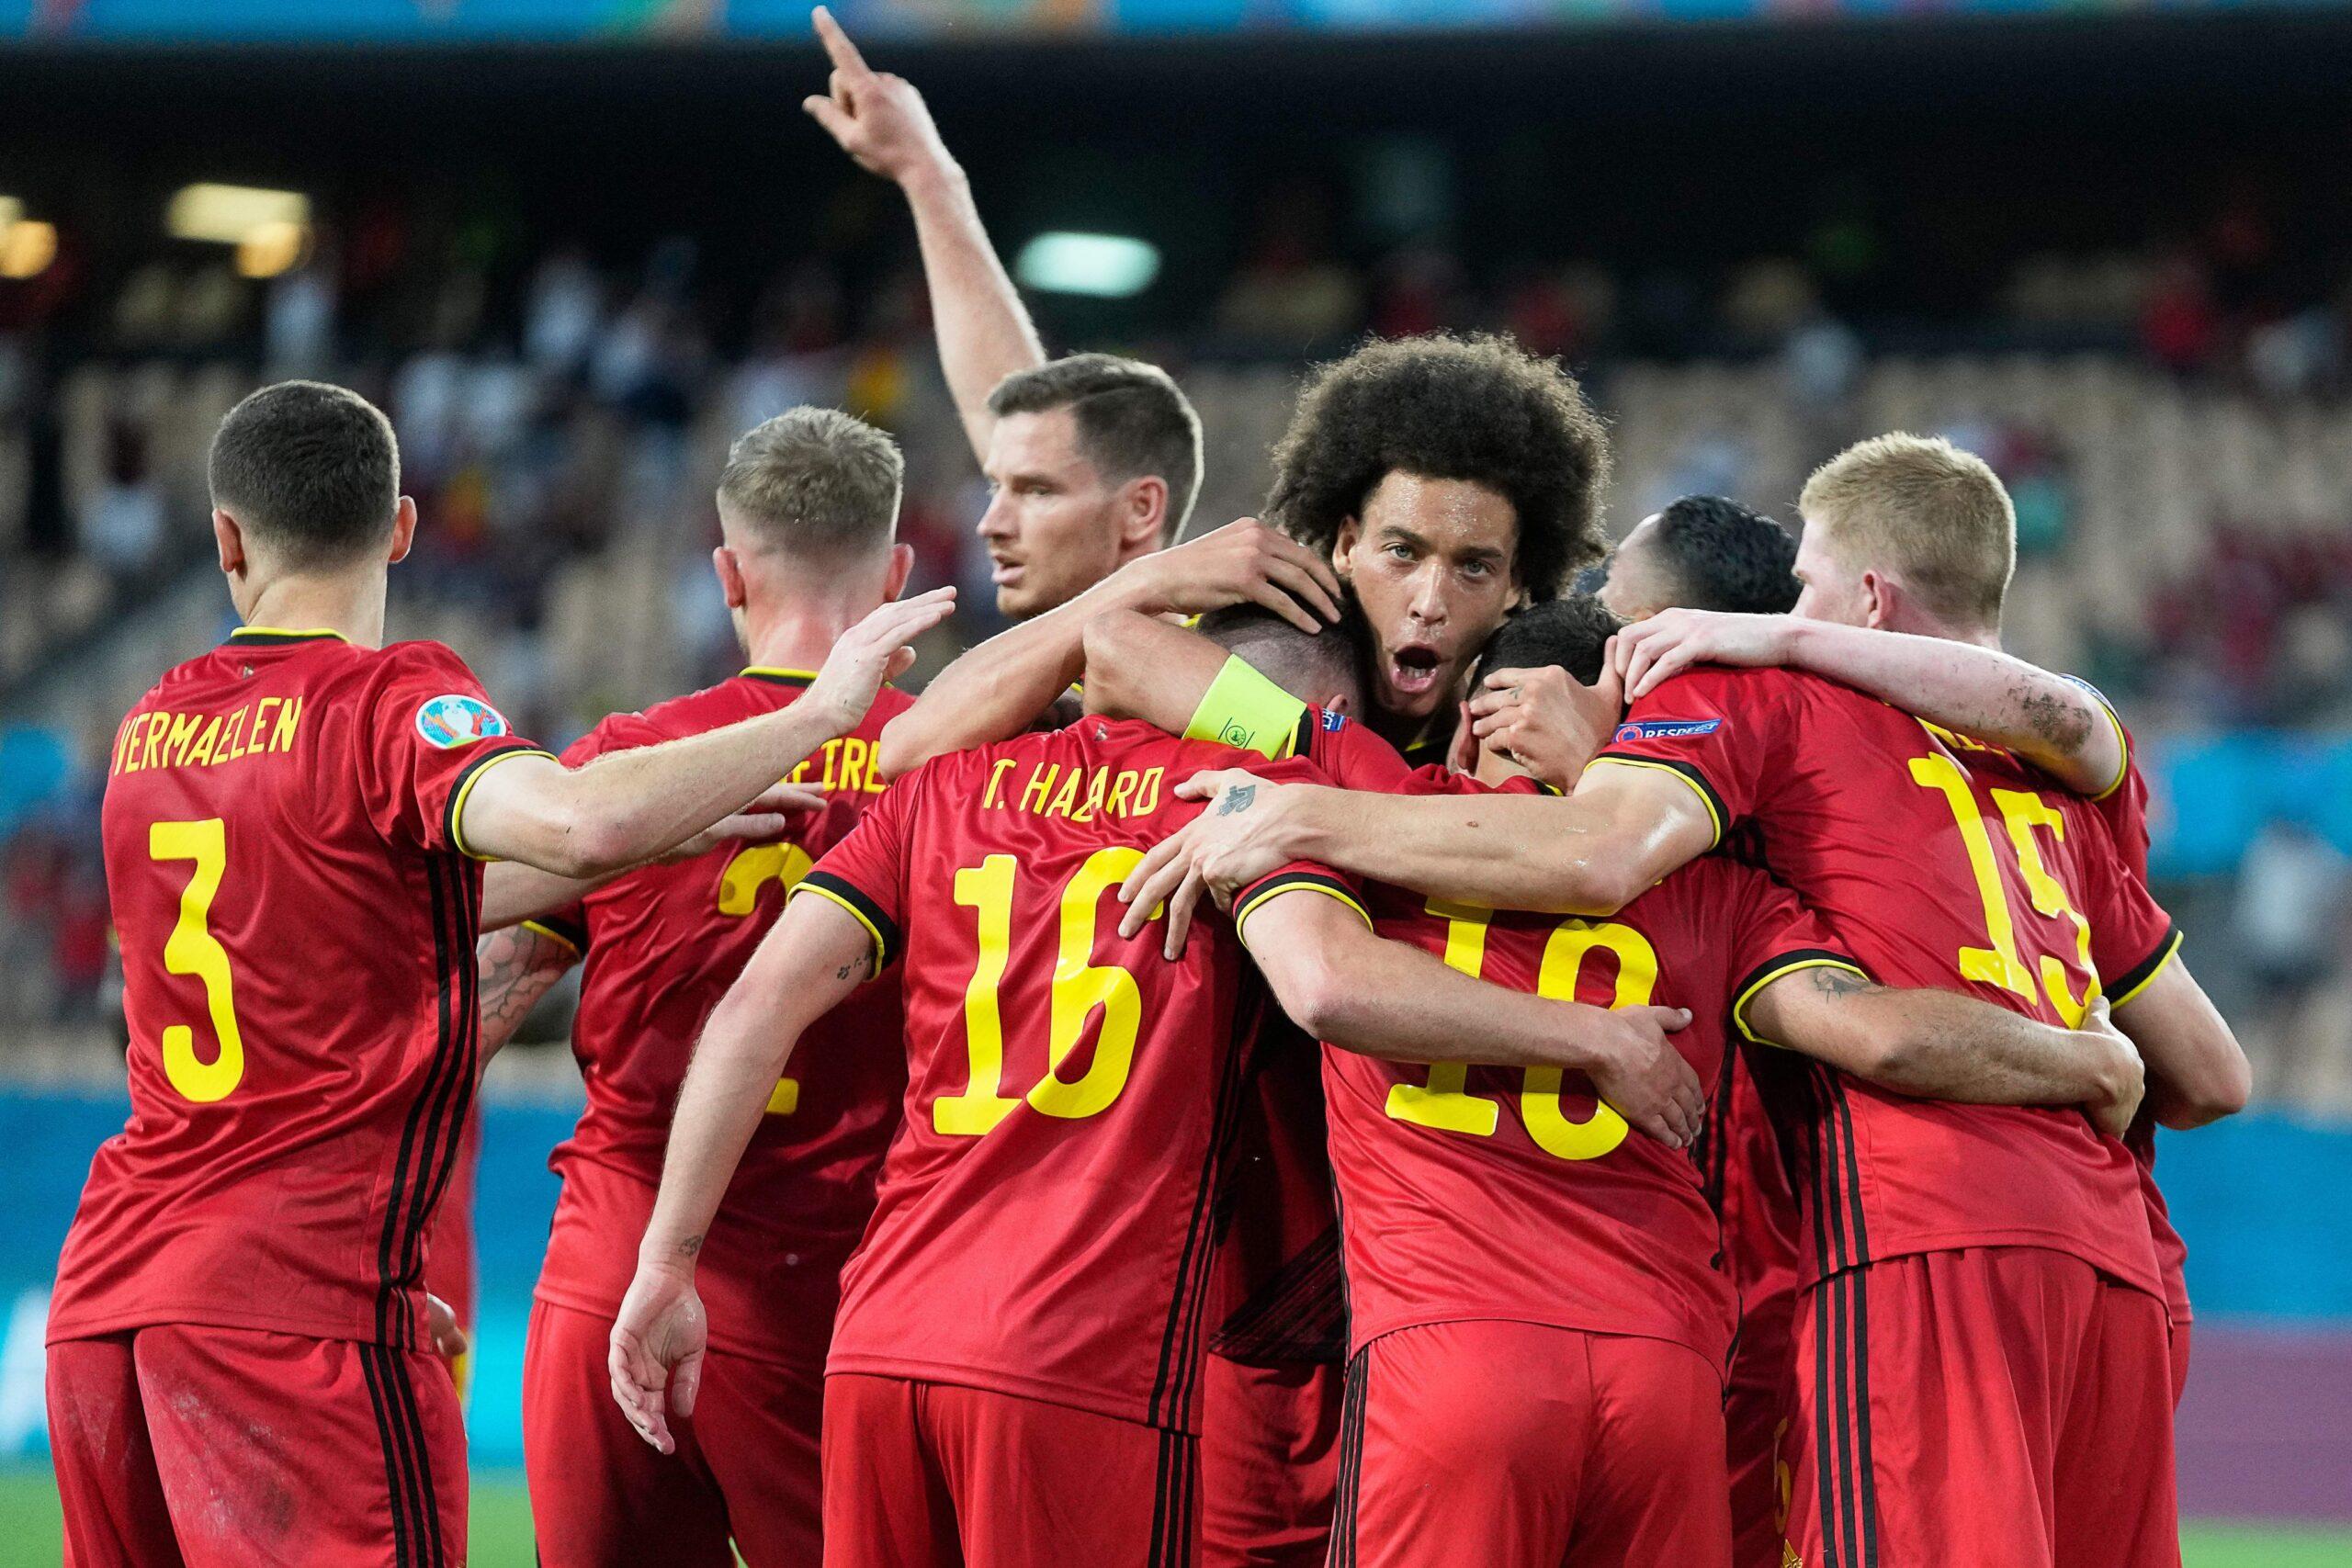 موعد مباراة منتخب إيطاليا ضد بلجيكا في اليورو والقنوات الناقلة